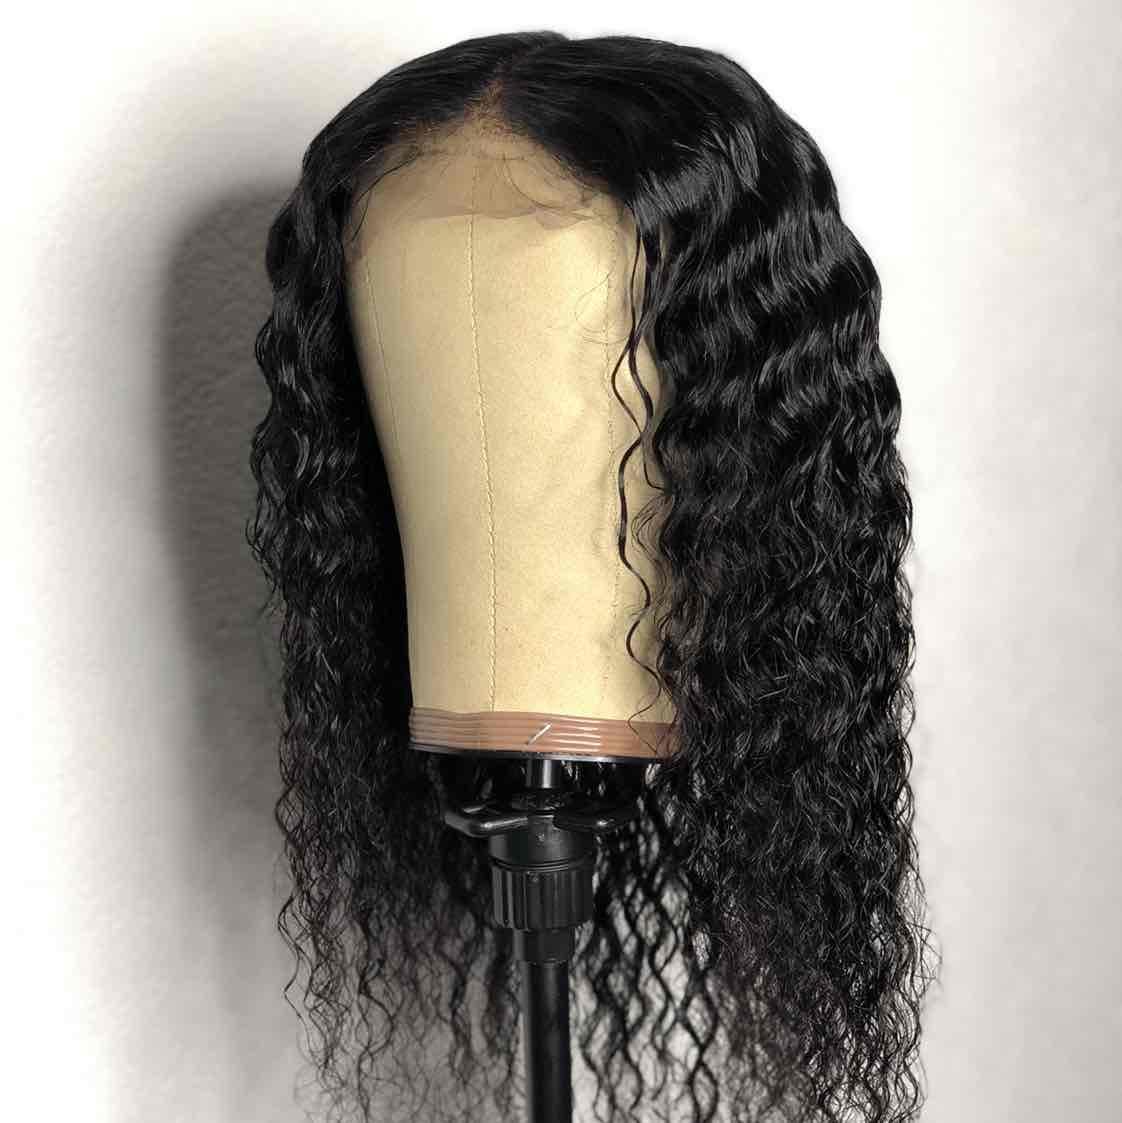 salon de coiffure afro tresse tresses box braids crochet braids vanilles tissages paris 75 77 78 91 92 93 94 95 QCFQBMLW